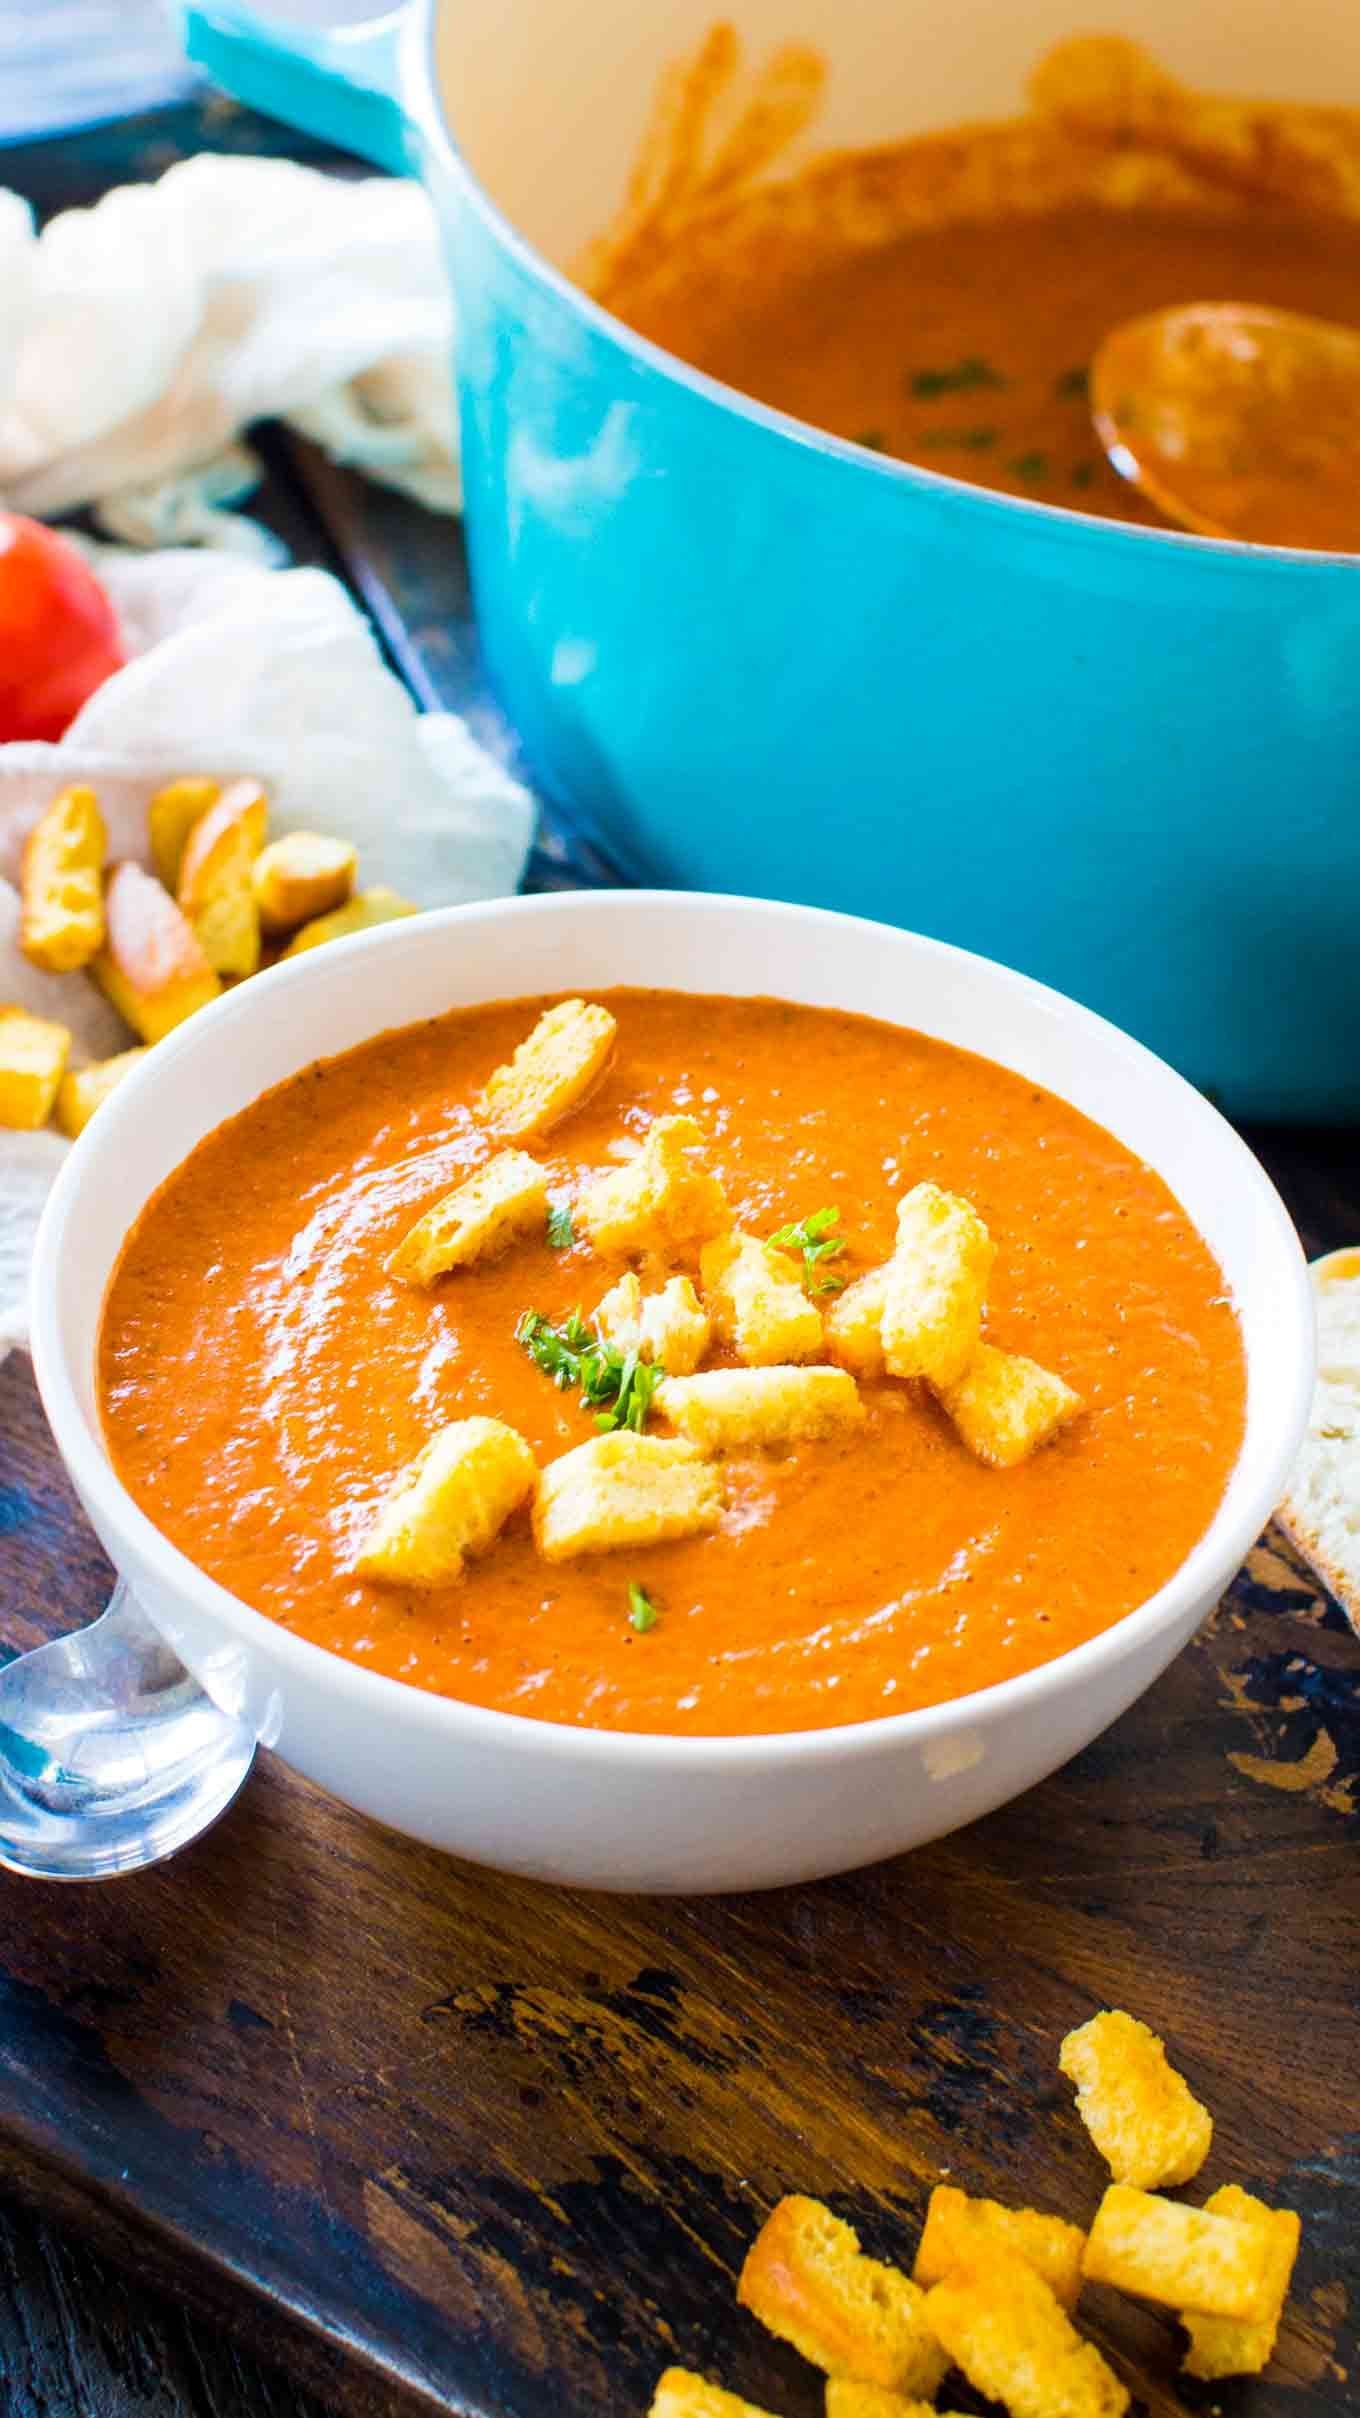 Panera Bread Creamy Tomato Soup Recipe Panera creamy